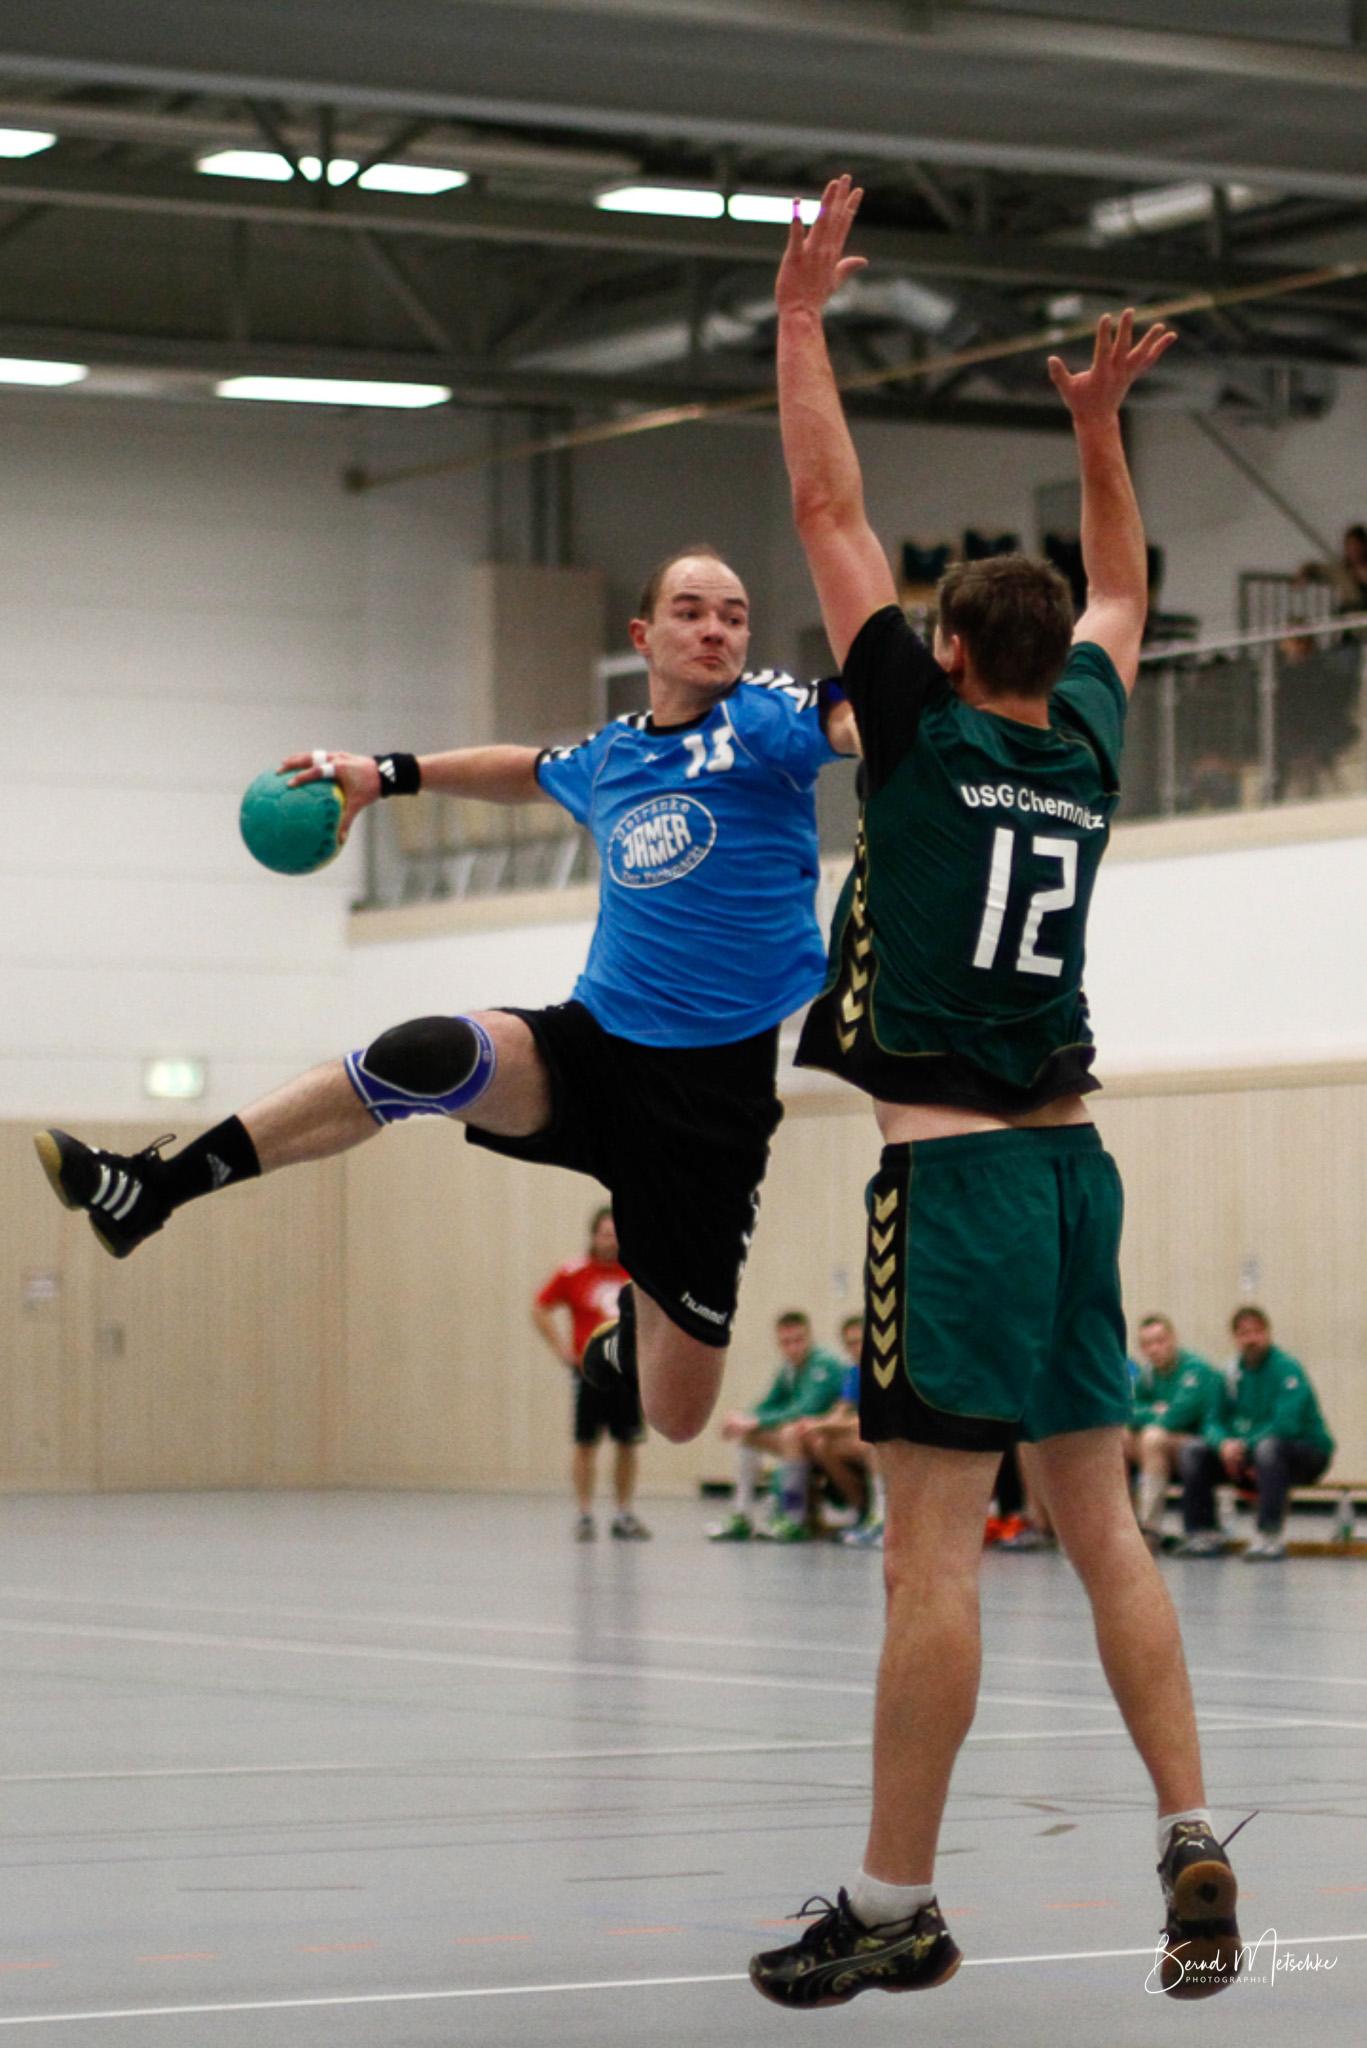 BHC - Chemnitz (01/2012)